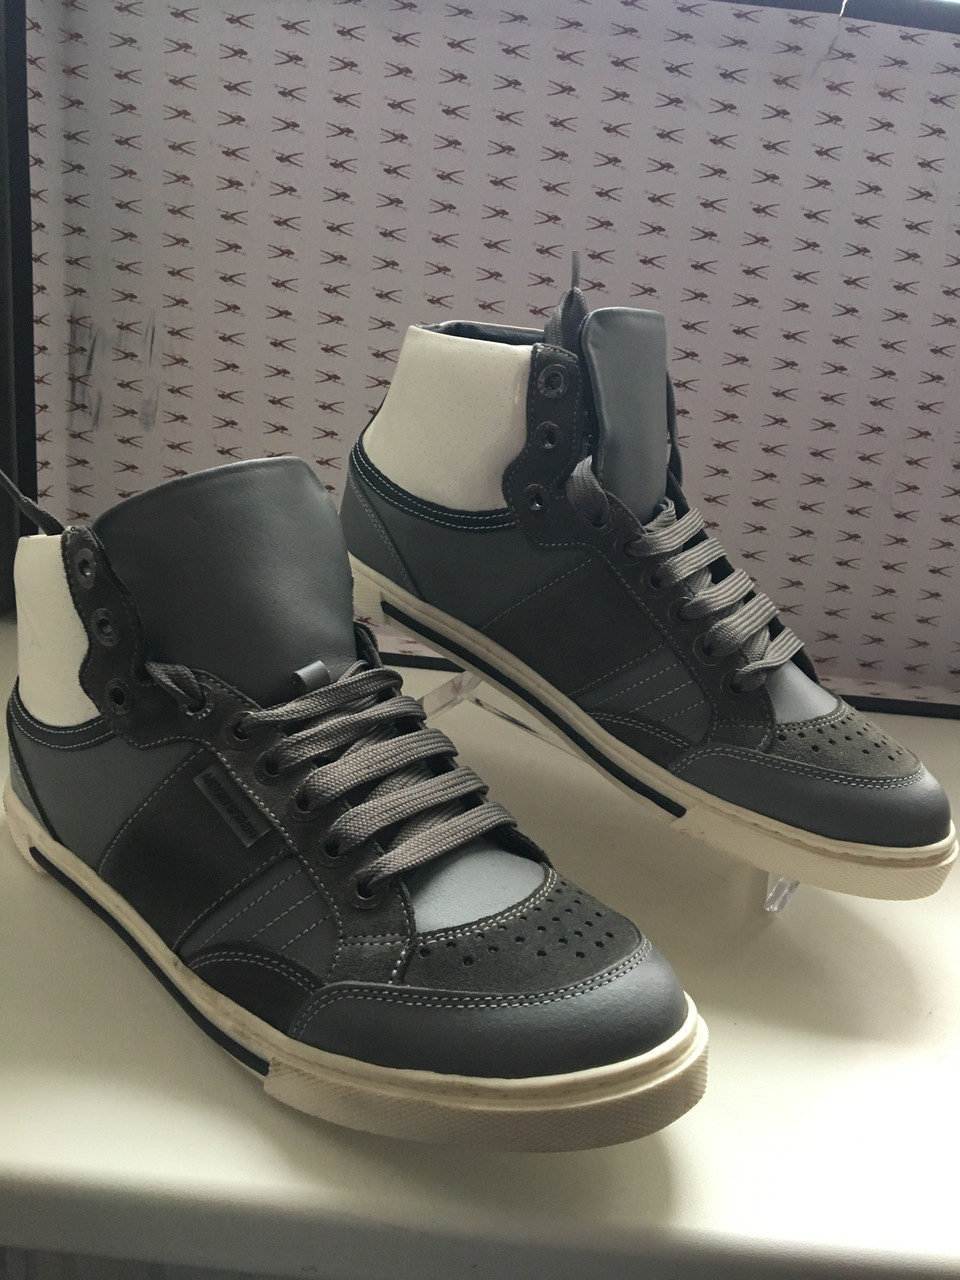 Кроссовки мужские кожаные темно-серого цвета высокие демисезонные Antony Morato